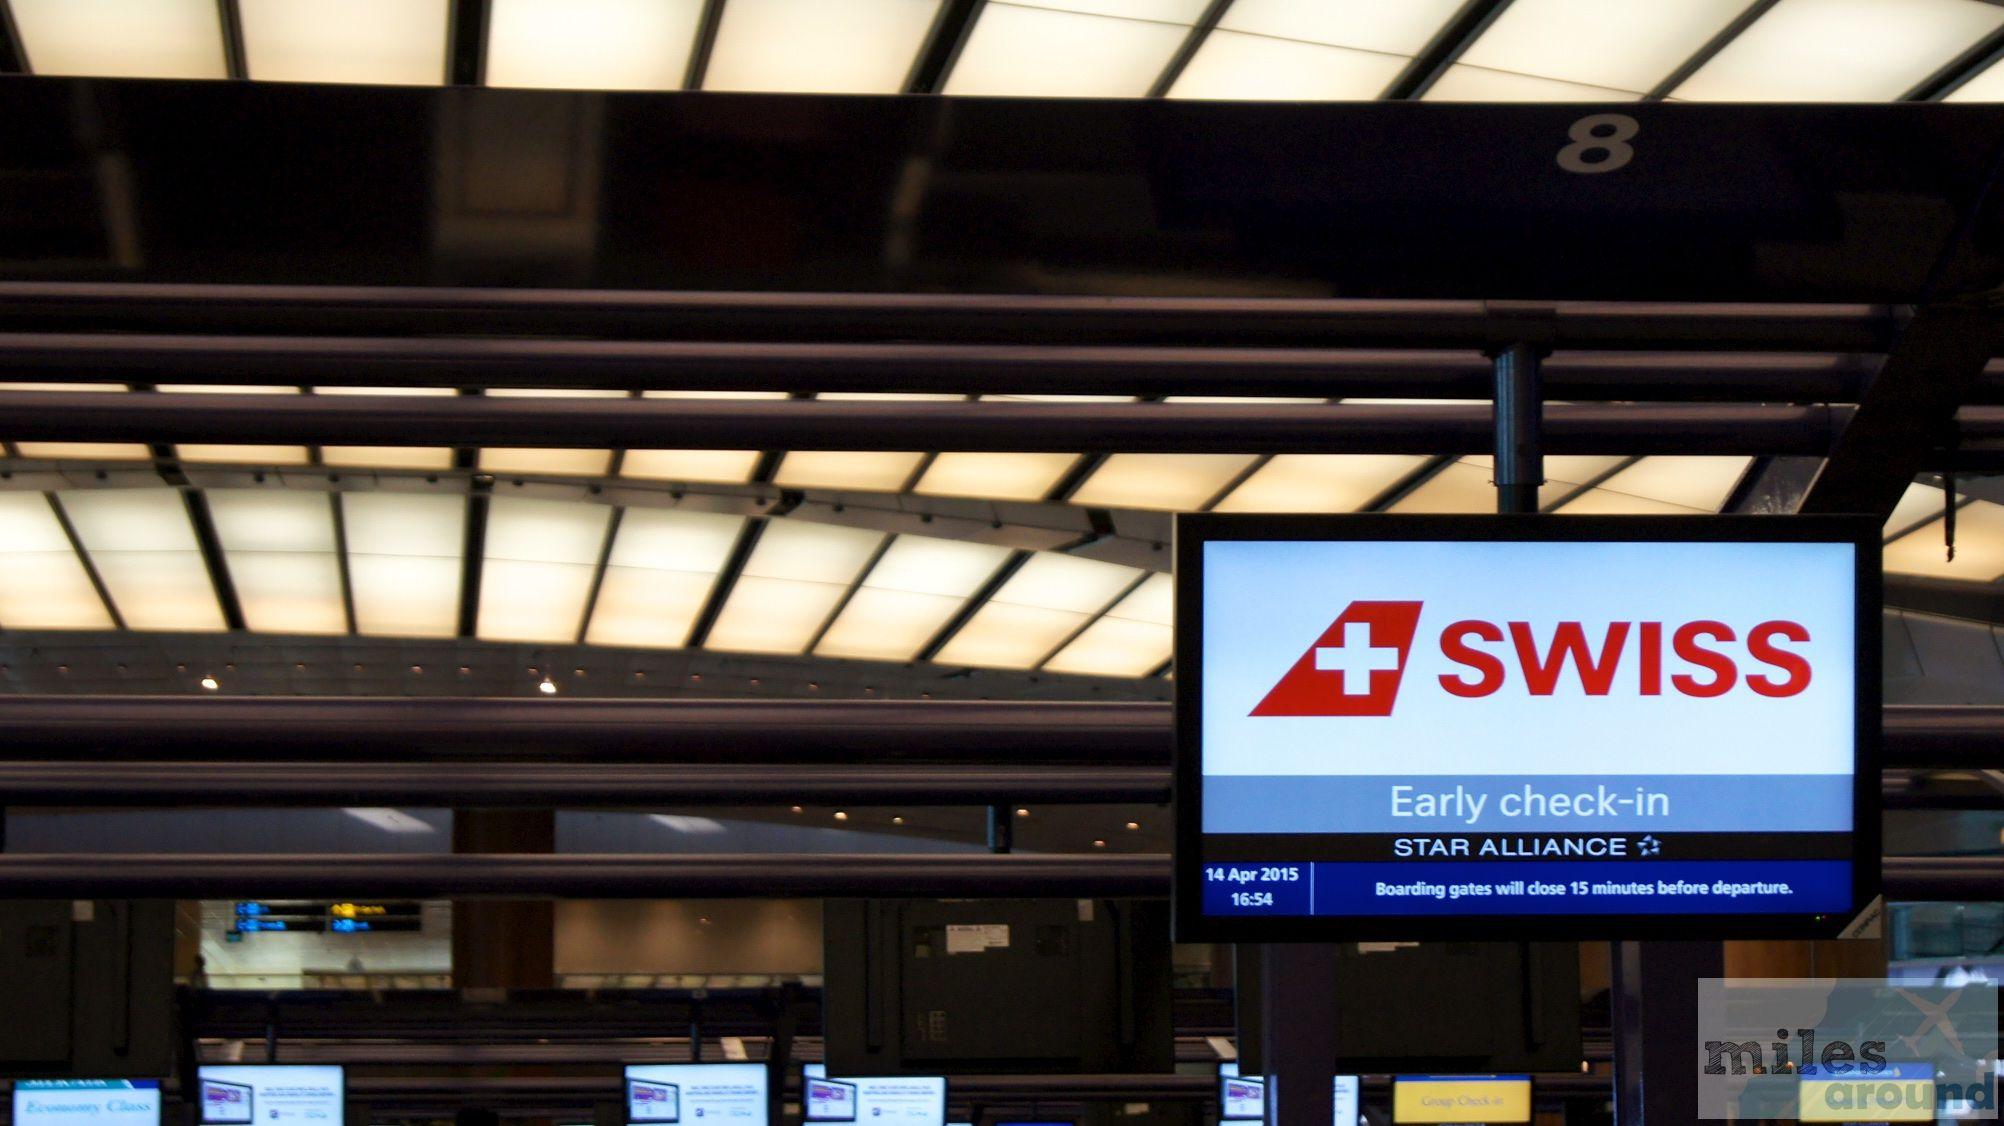 SWISS Airbus A340300 Economy Class, Singapur nach Zürich